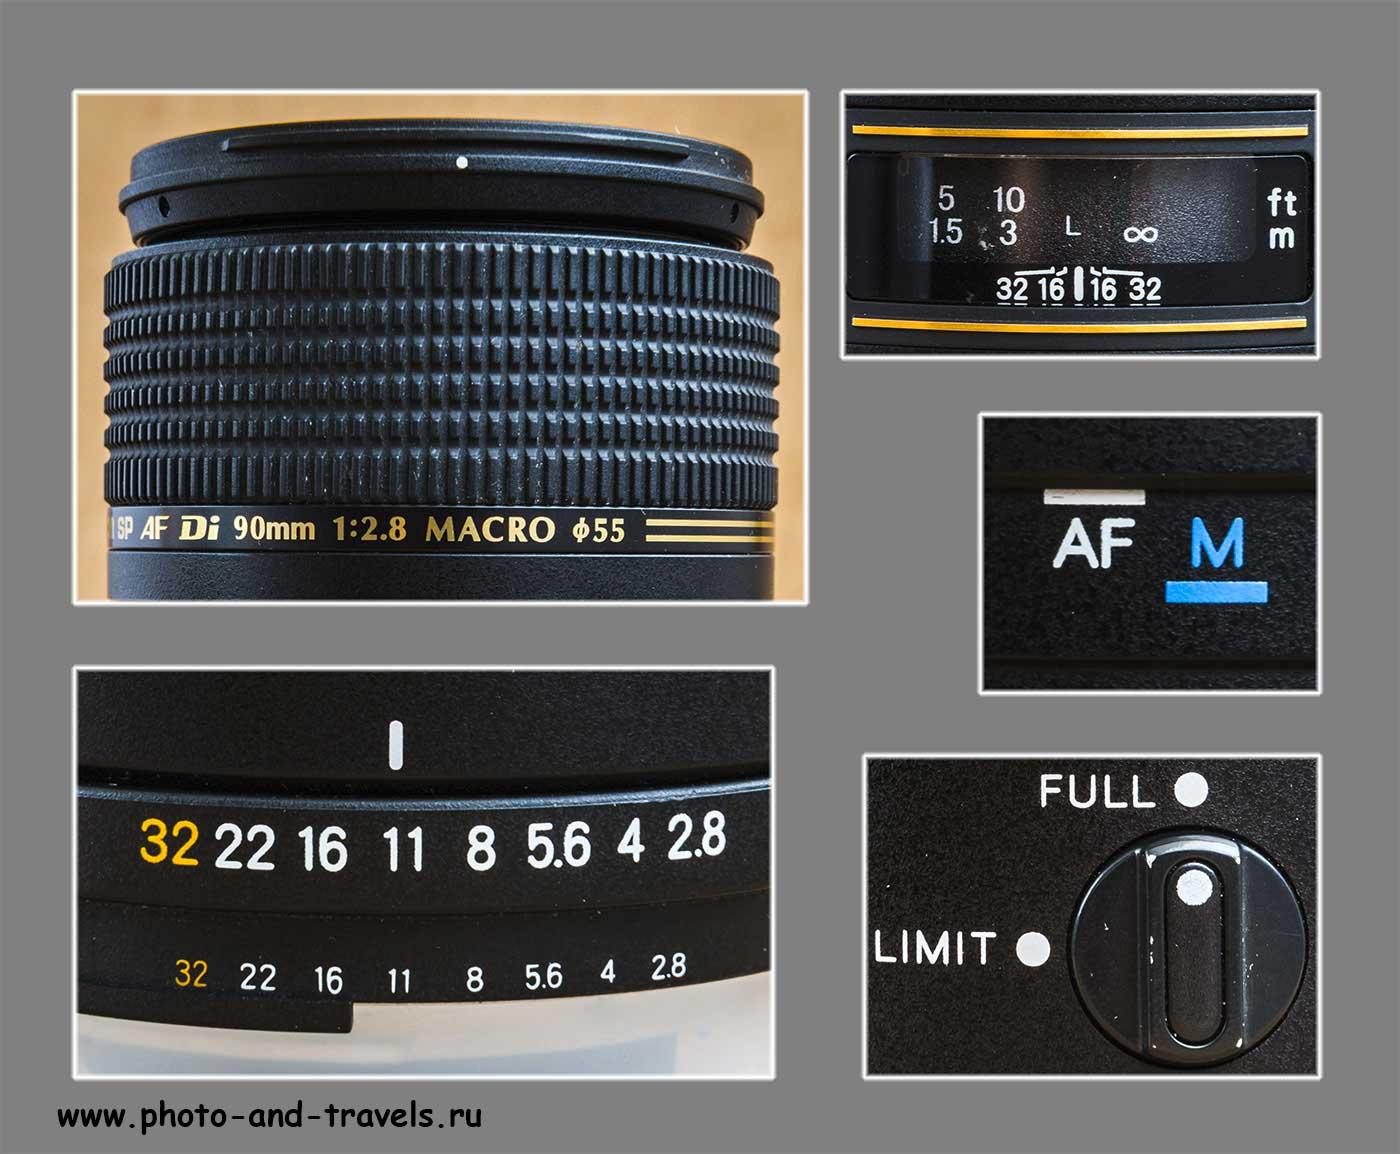 Фотография 3. Элементы управления макрообъектива Tamron SP AF 90mm f/2.8 Di MACRO 1:1